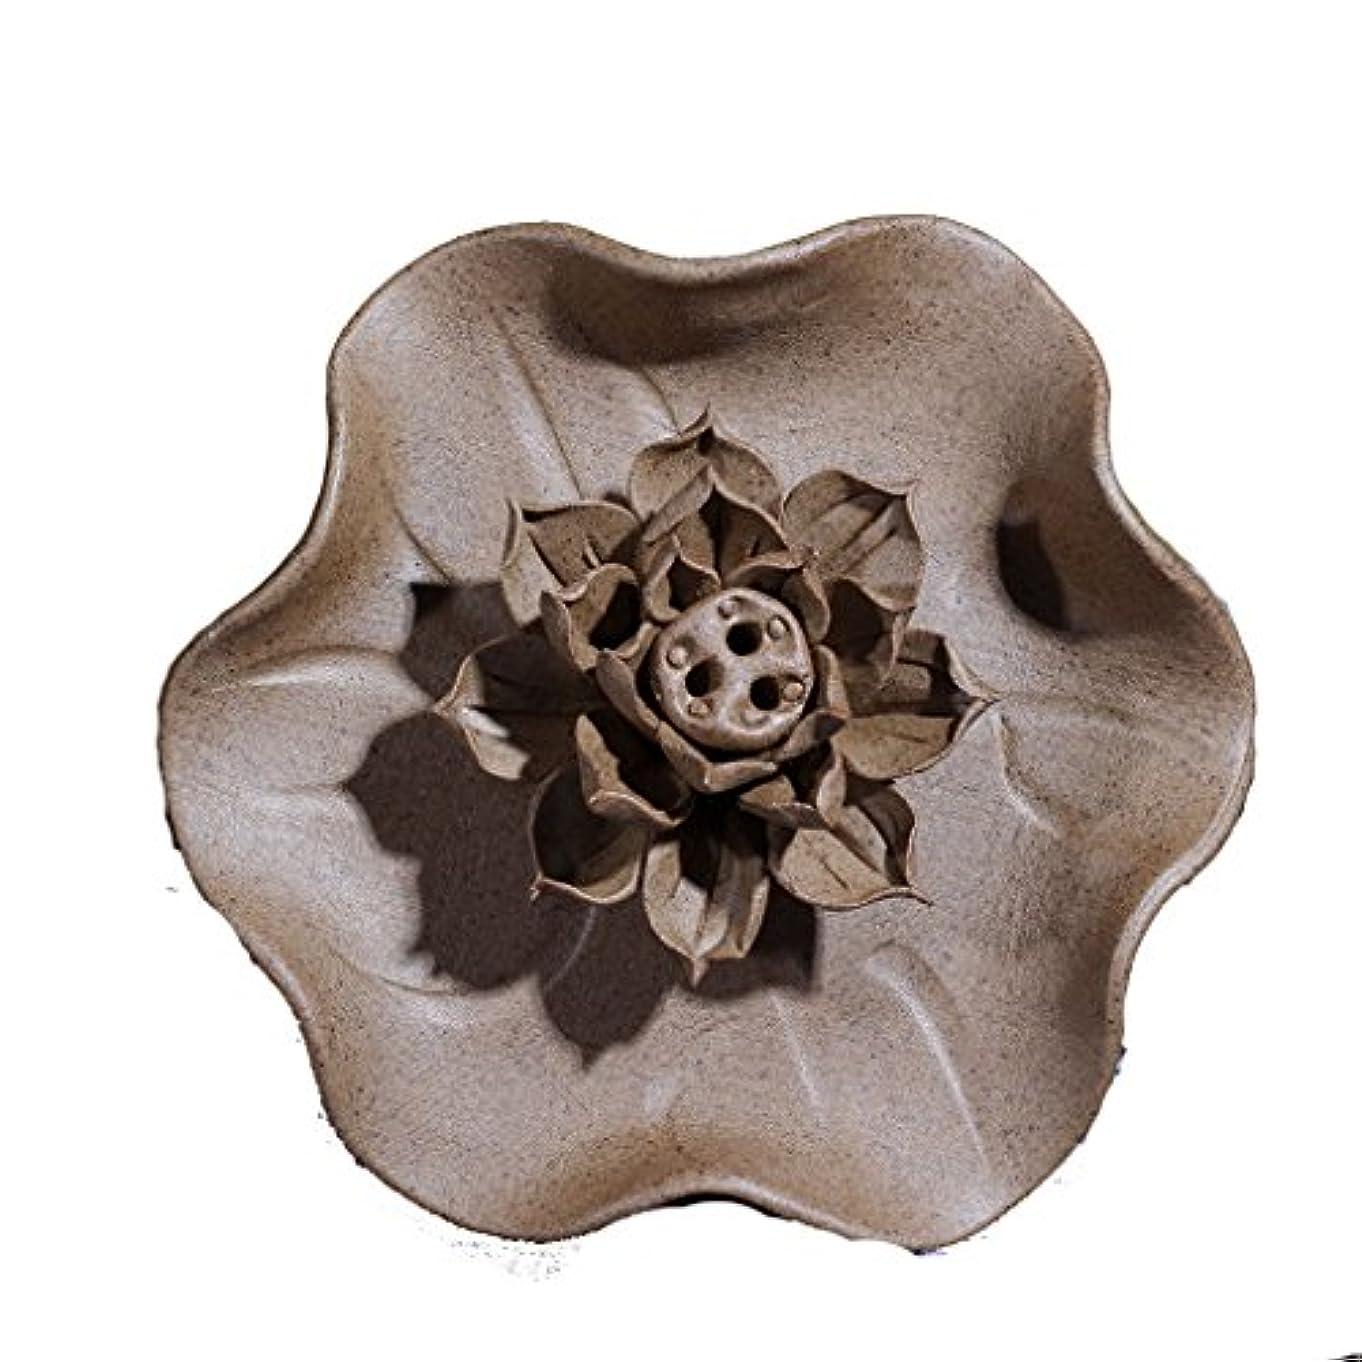 尊敬する延ばすウガンダ(ラシューバー) Lasuiveur 香炉 線香立て 香立て 職人さんの手作り 茶道用品 おしゃれ  木製 透かし彫り